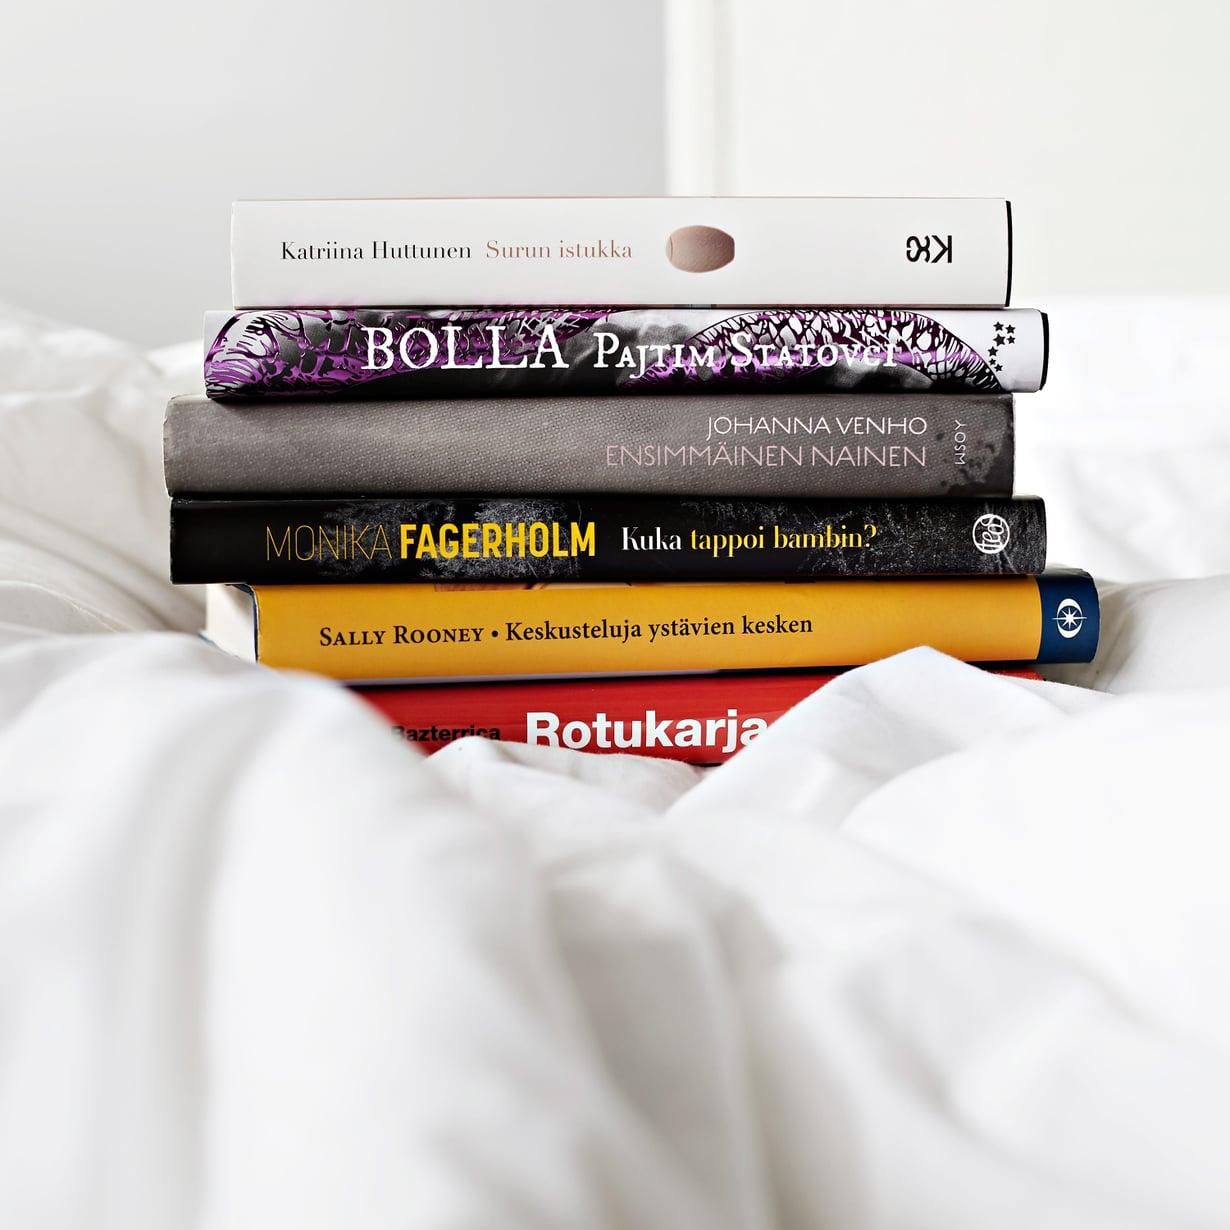 Me Naiset valitsi vuoden 2019 parhaat kirjat.